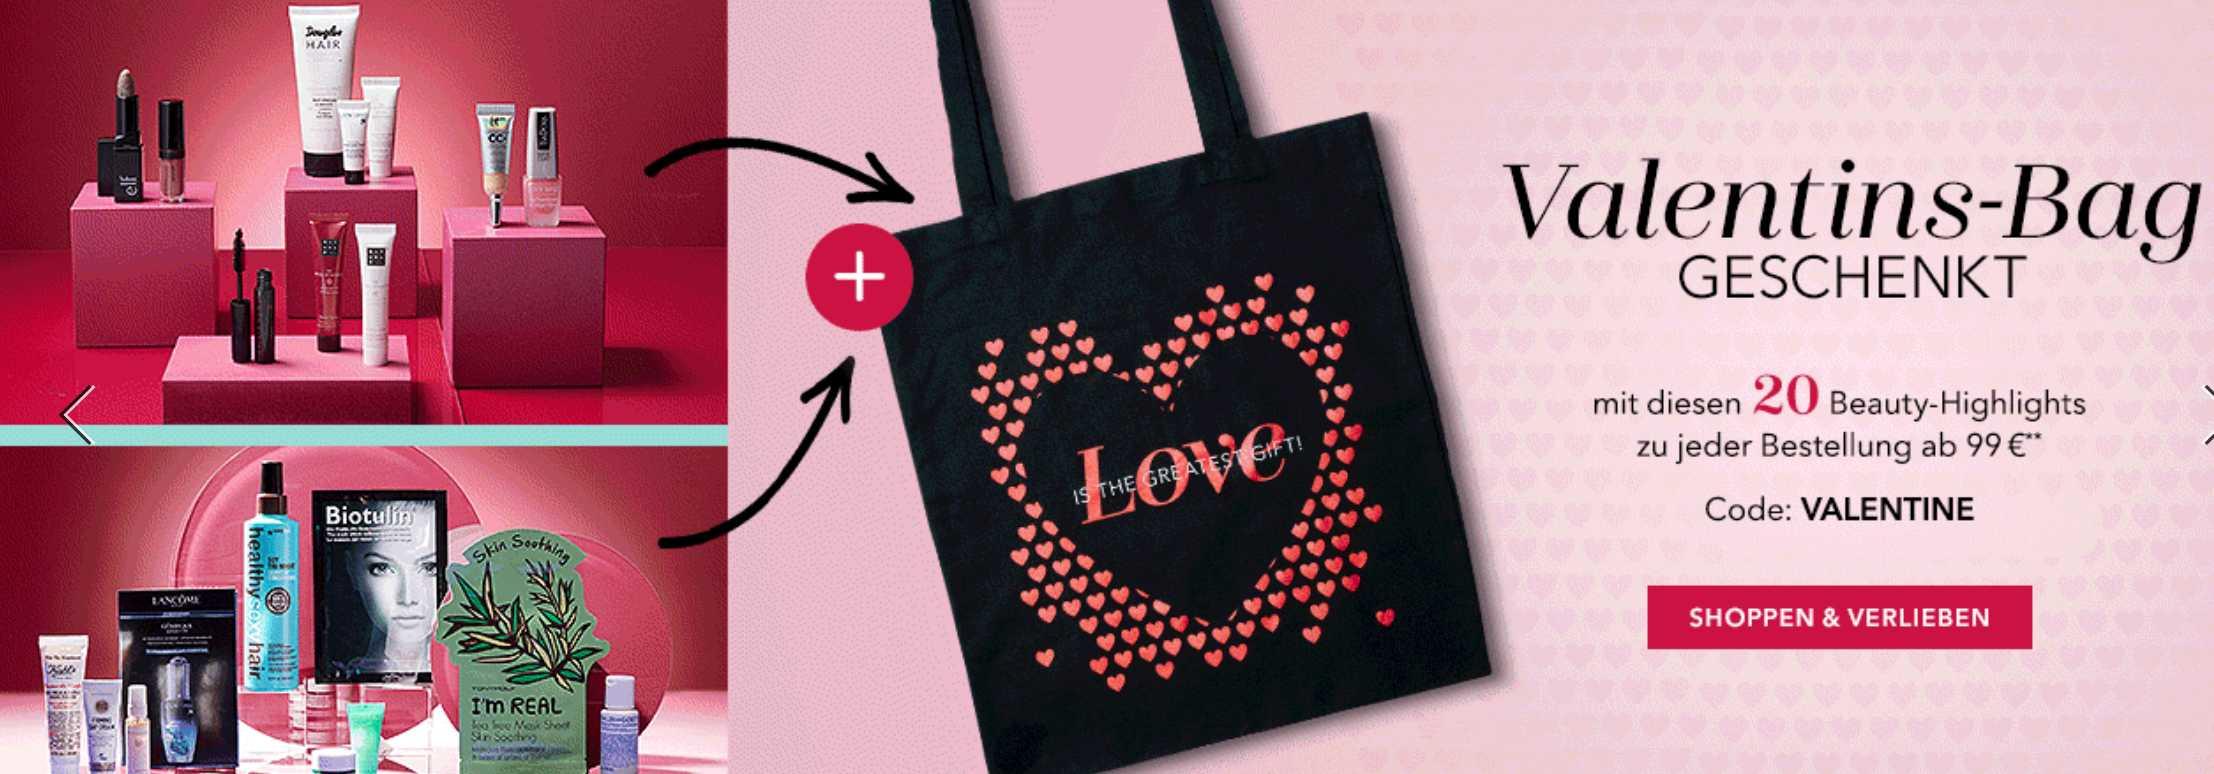 Douglas gutscheincode valentinstag